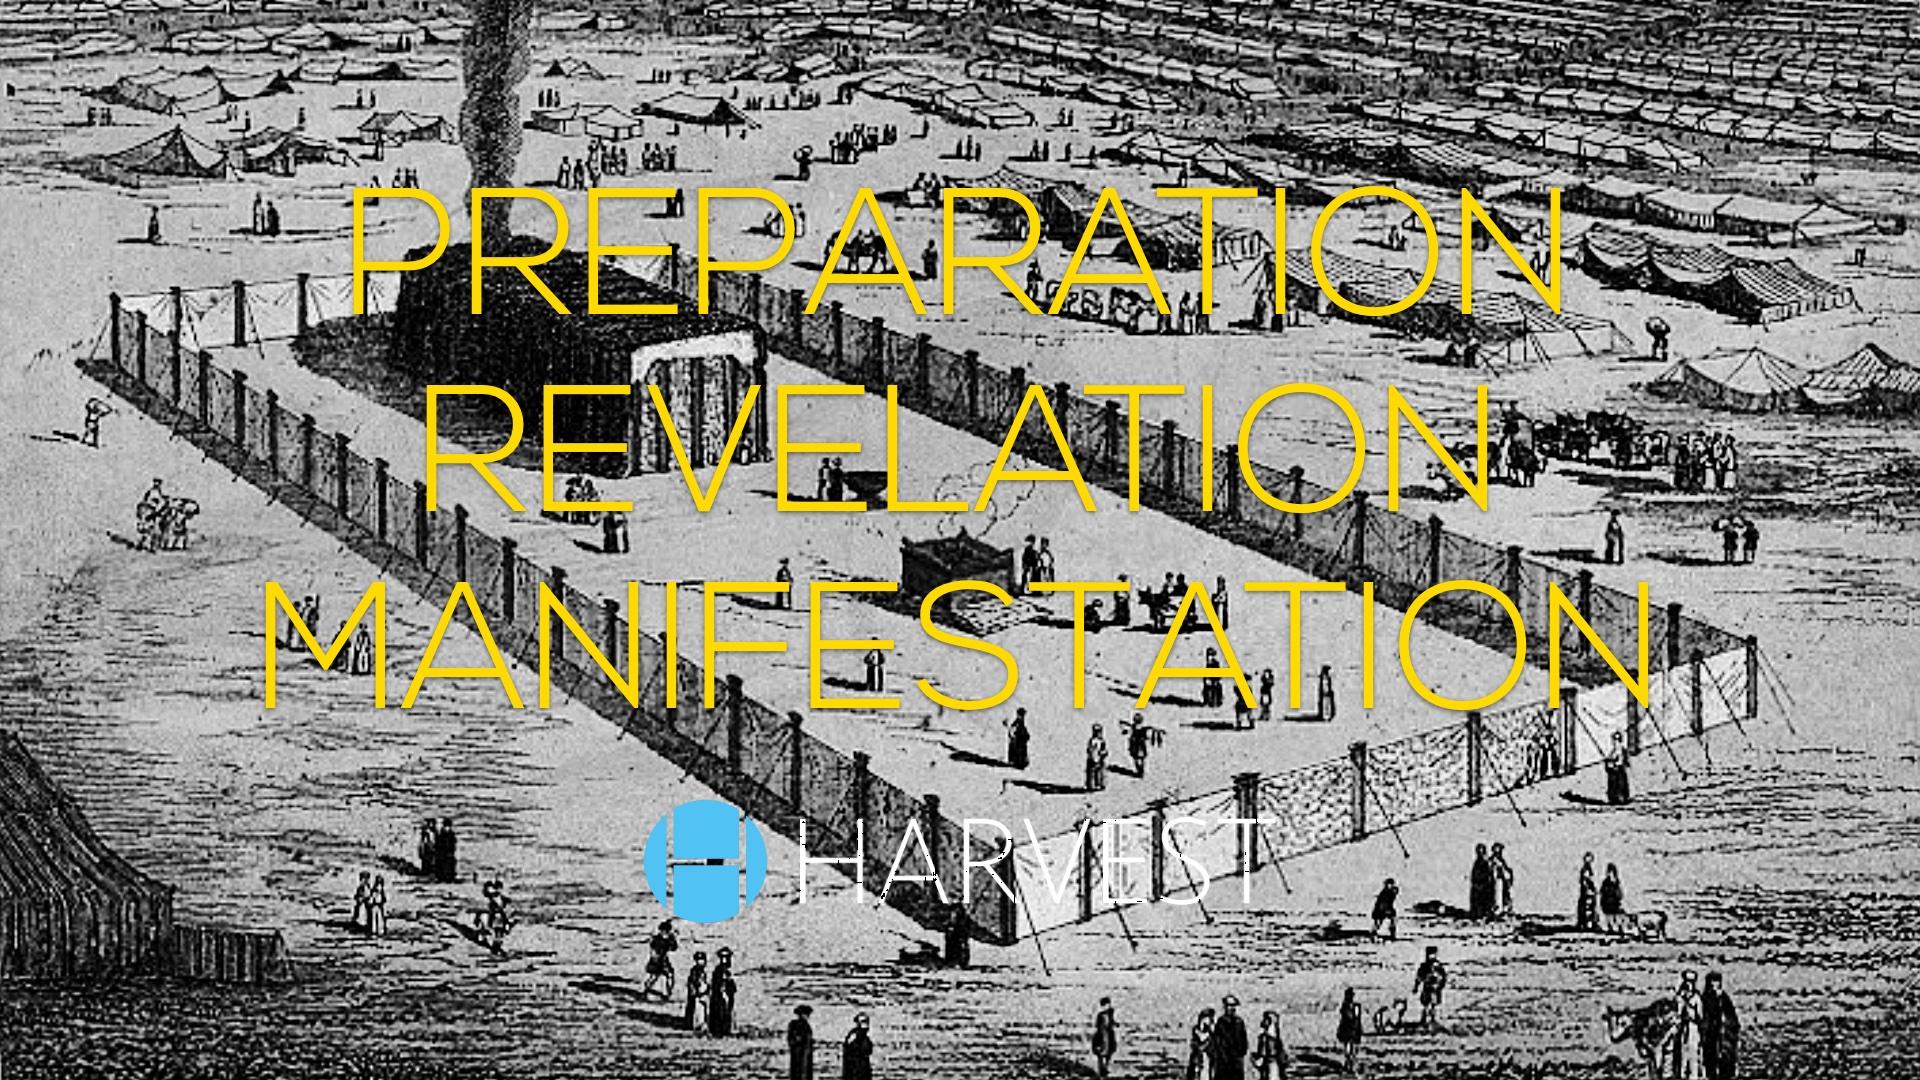 PREPARATION-REVELATION-MANIFESTATION